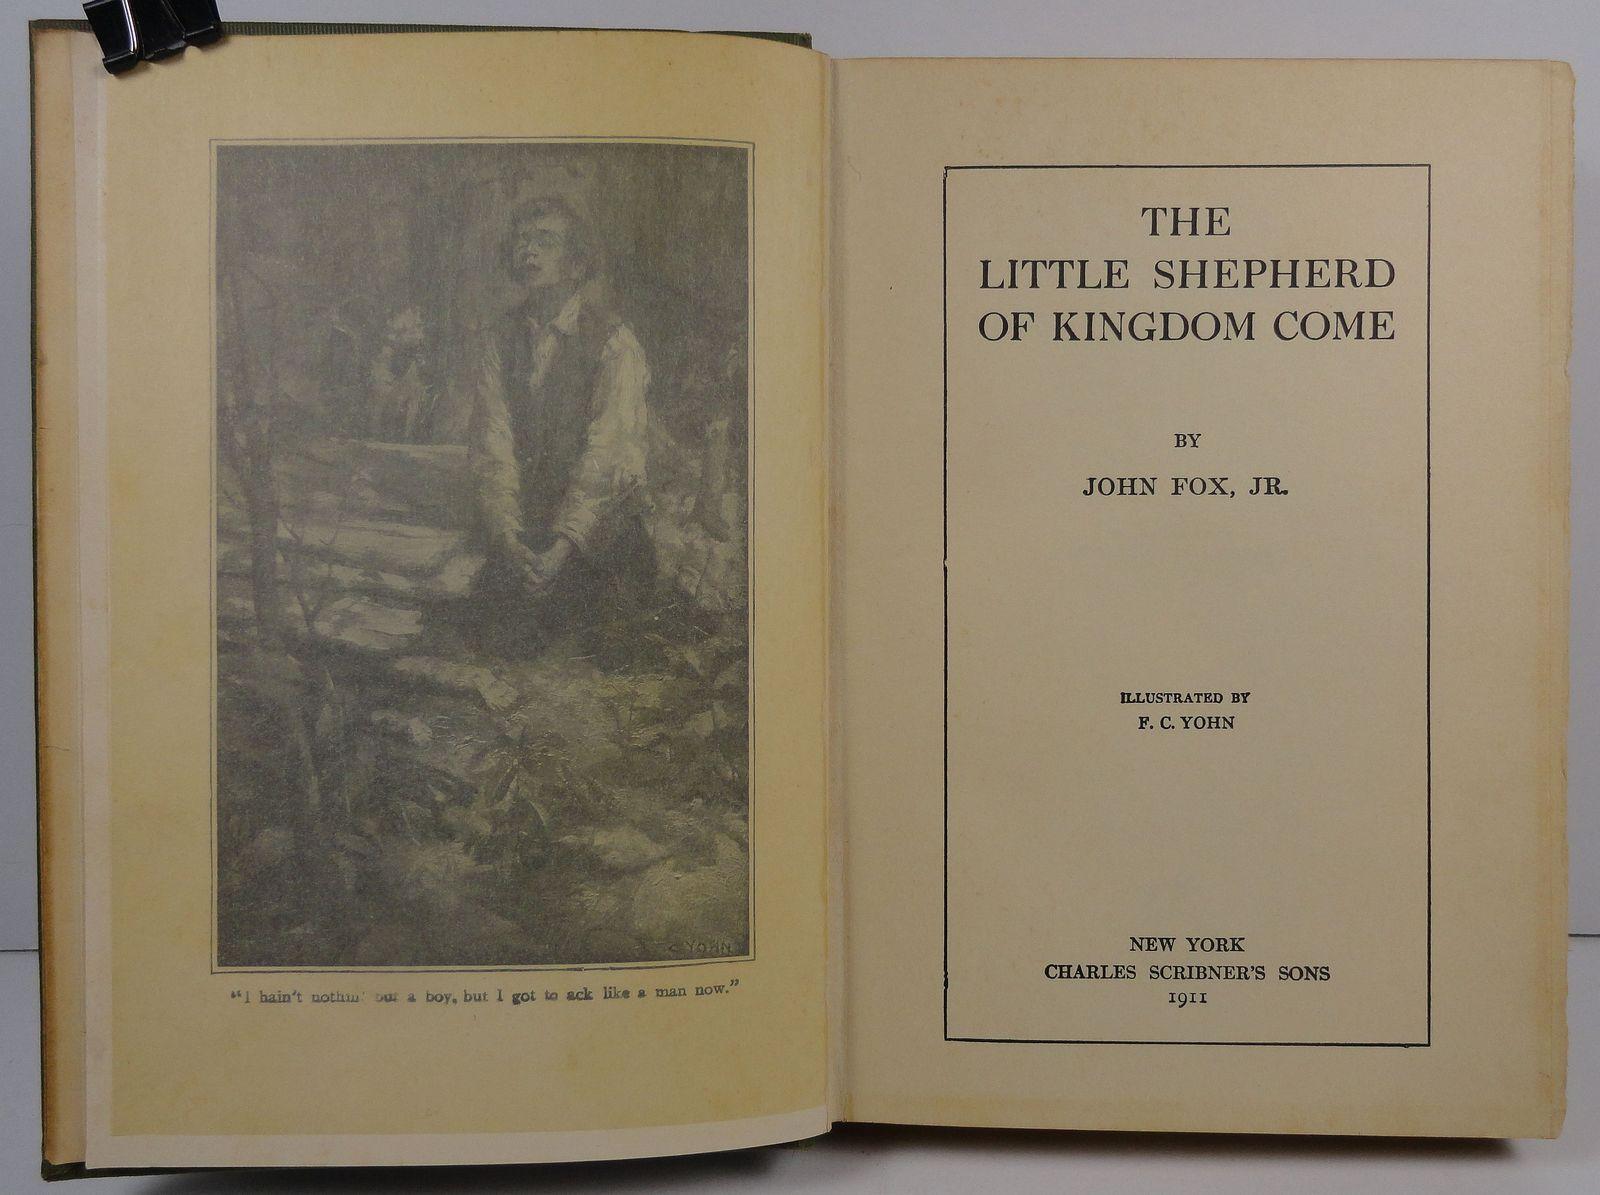 The Little Shepherd of Kingdom Come by John Fox Jr. 1911